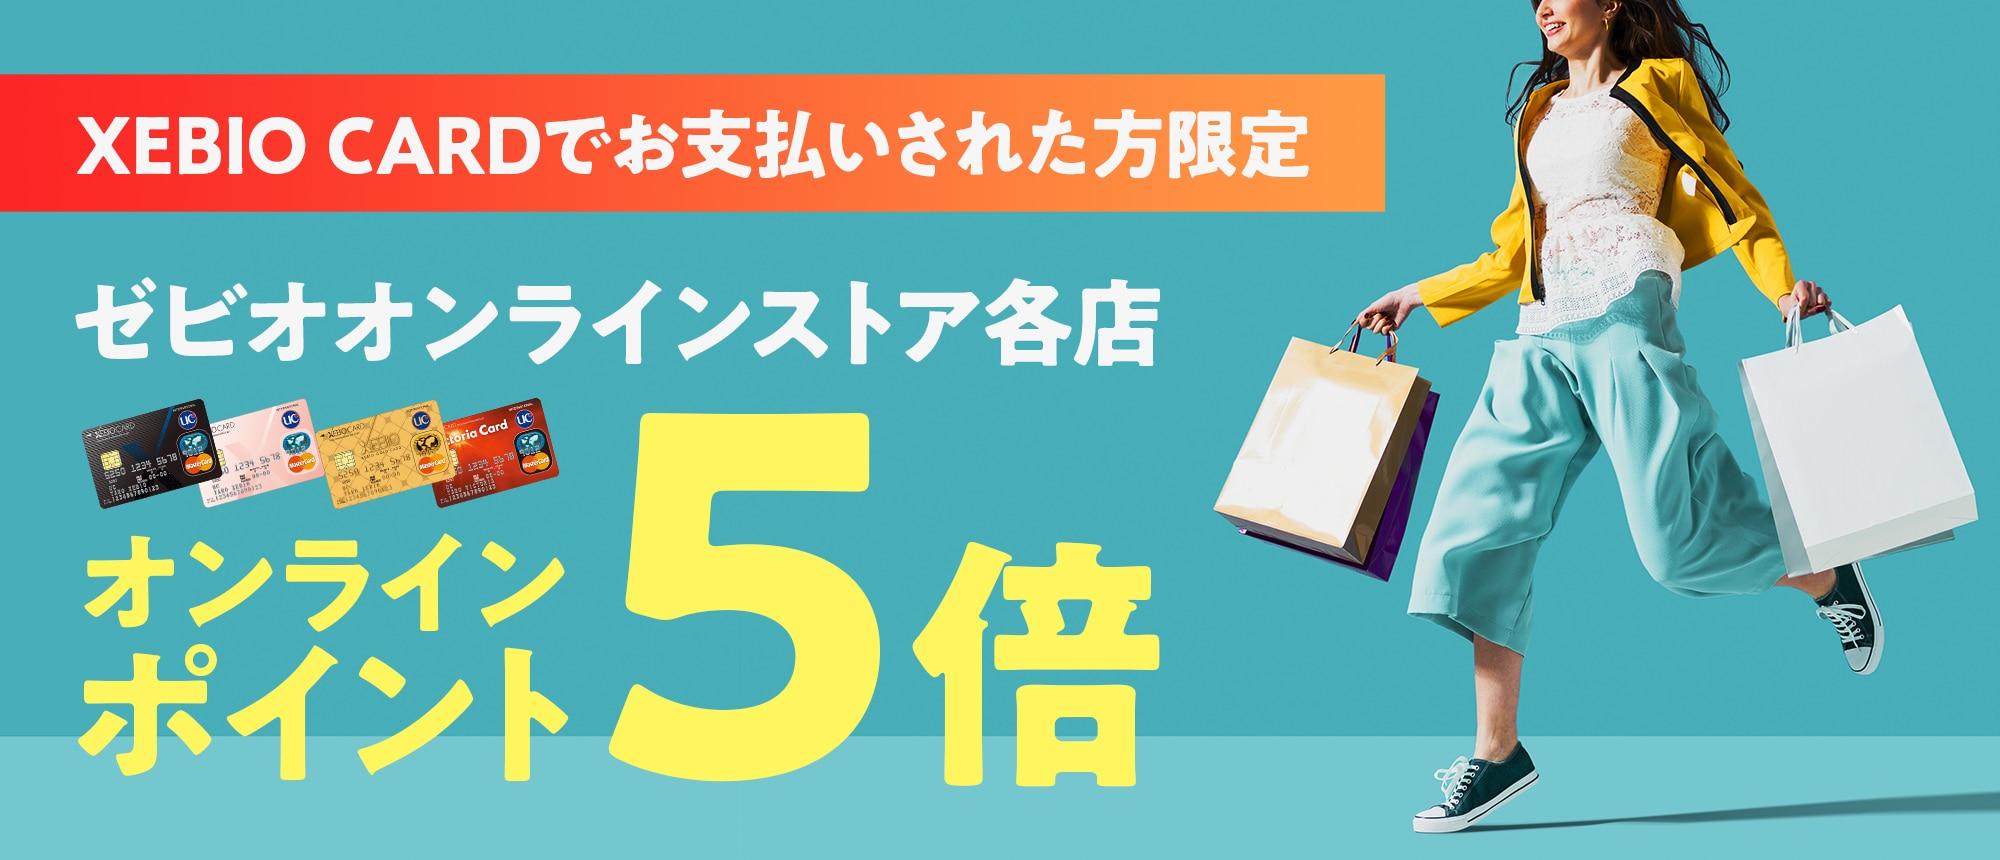 ゼビオオンラインストア各店 オンラインポイント5倍キャンぺーン